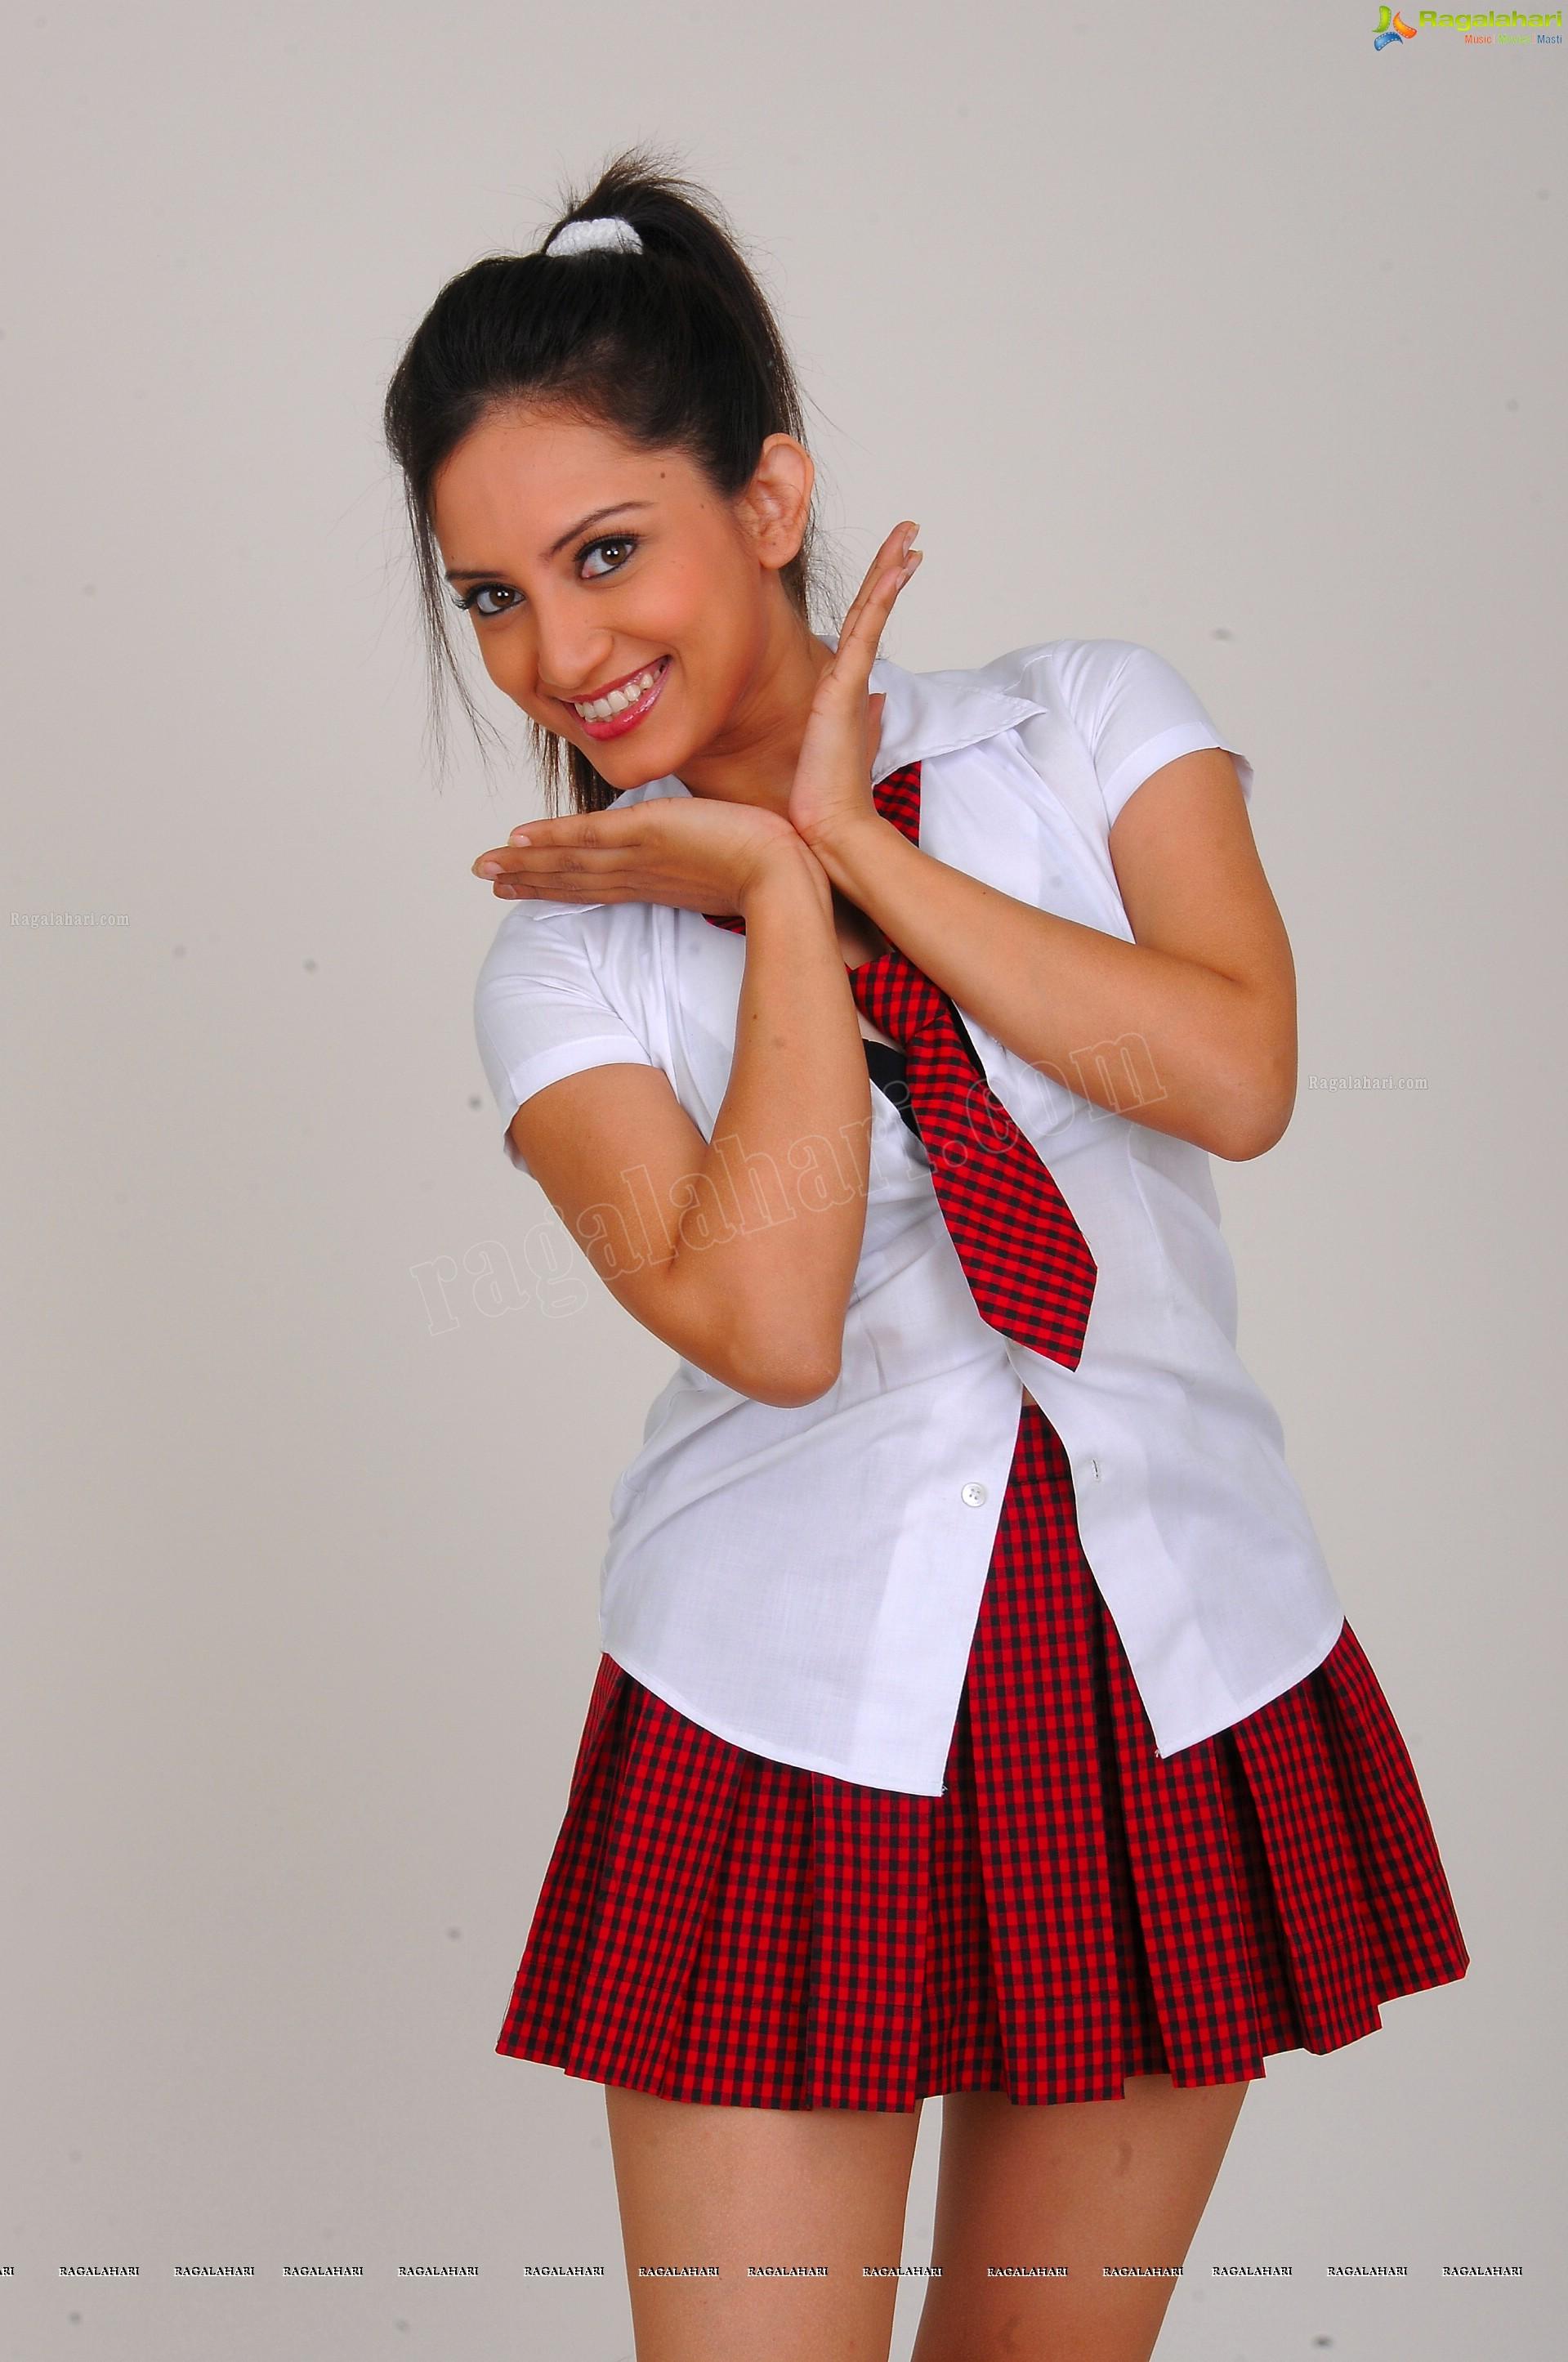 http://img.raagalahari.com/june2013/hd/telugu-heroine-leesa/telugu-heroine-leesa50.jpg